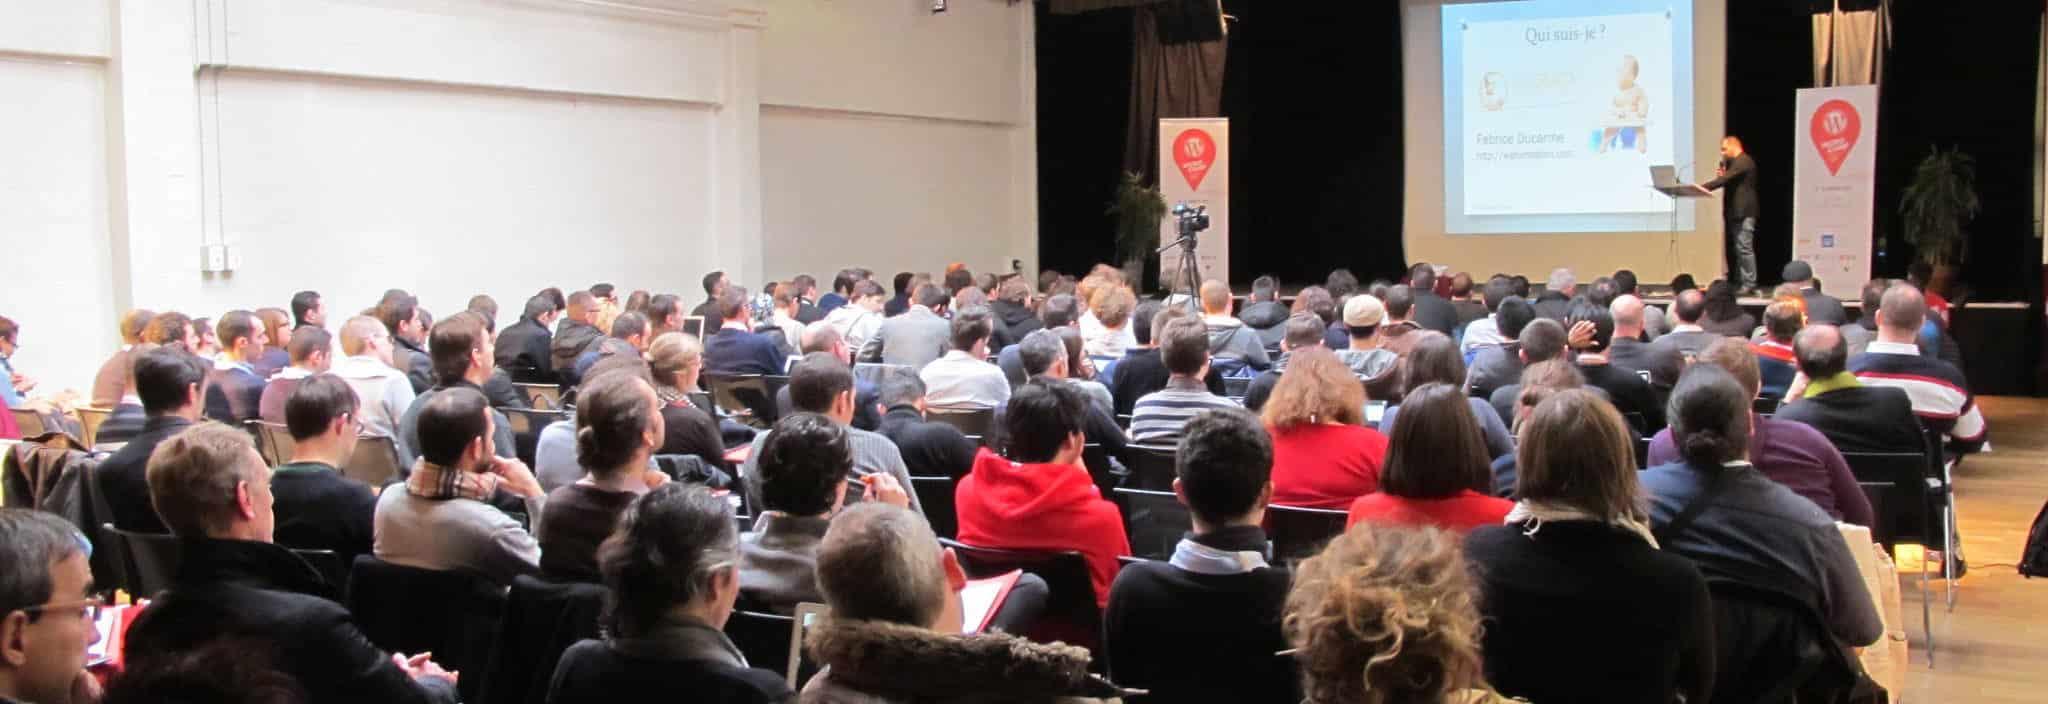 Wordcamp Paris 2013